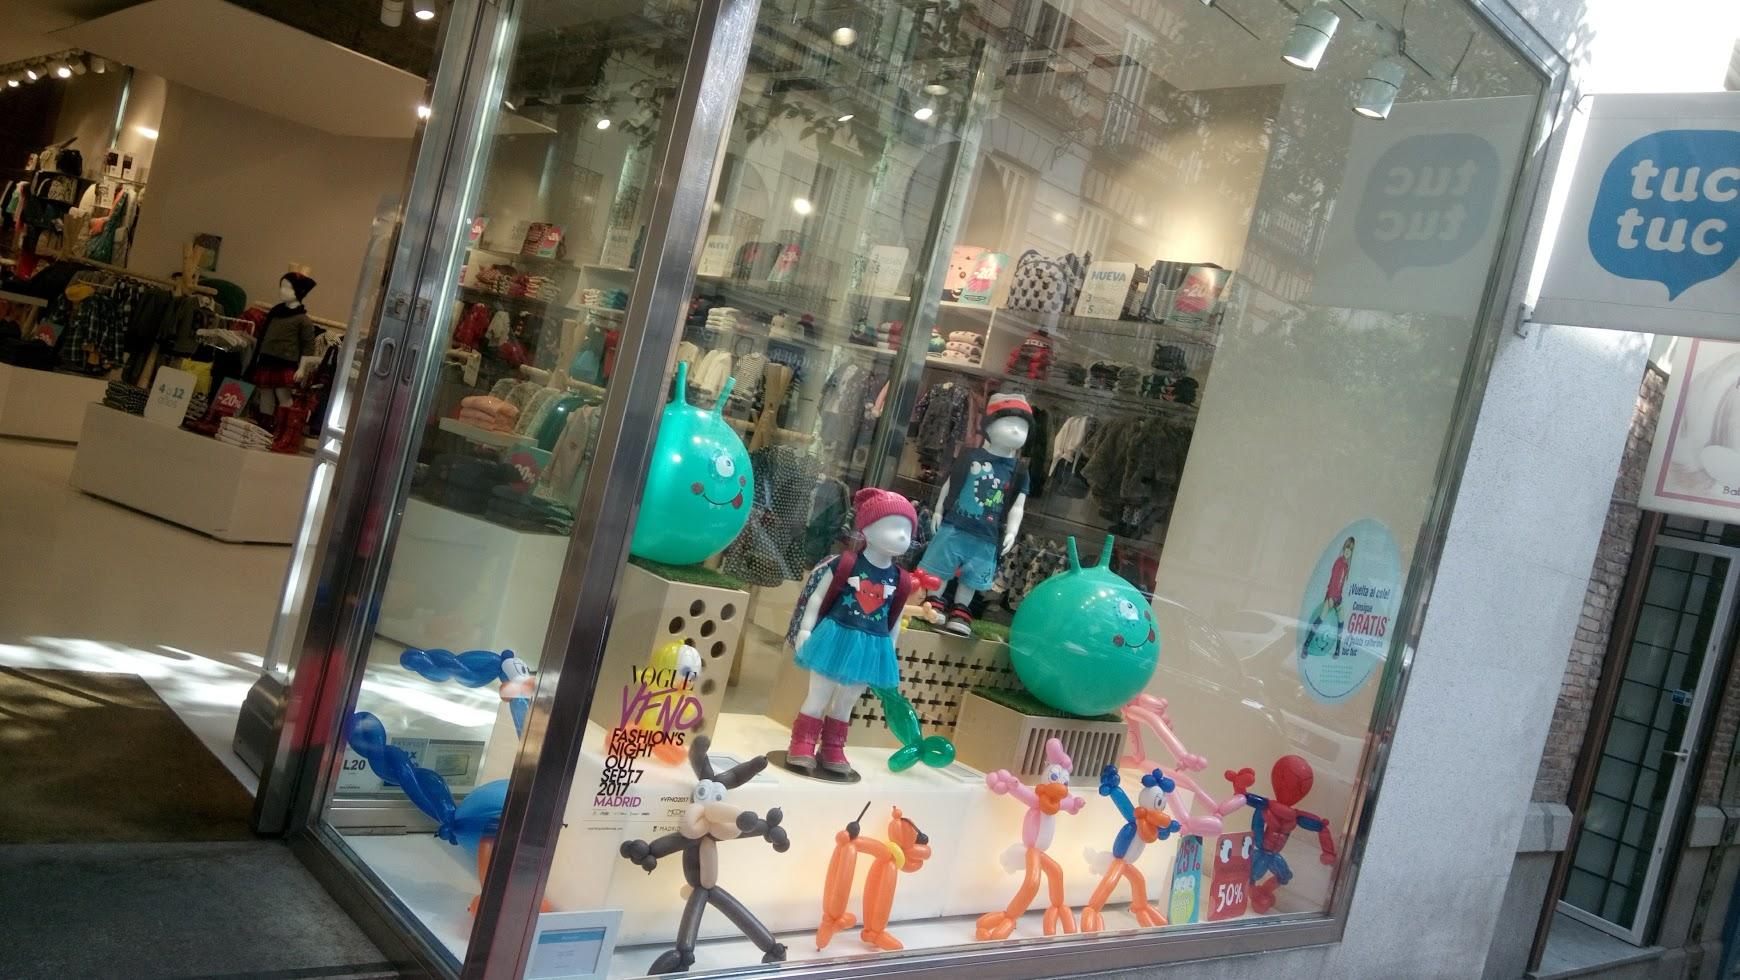 escaparate de tienda de moda infantil con globoflexia